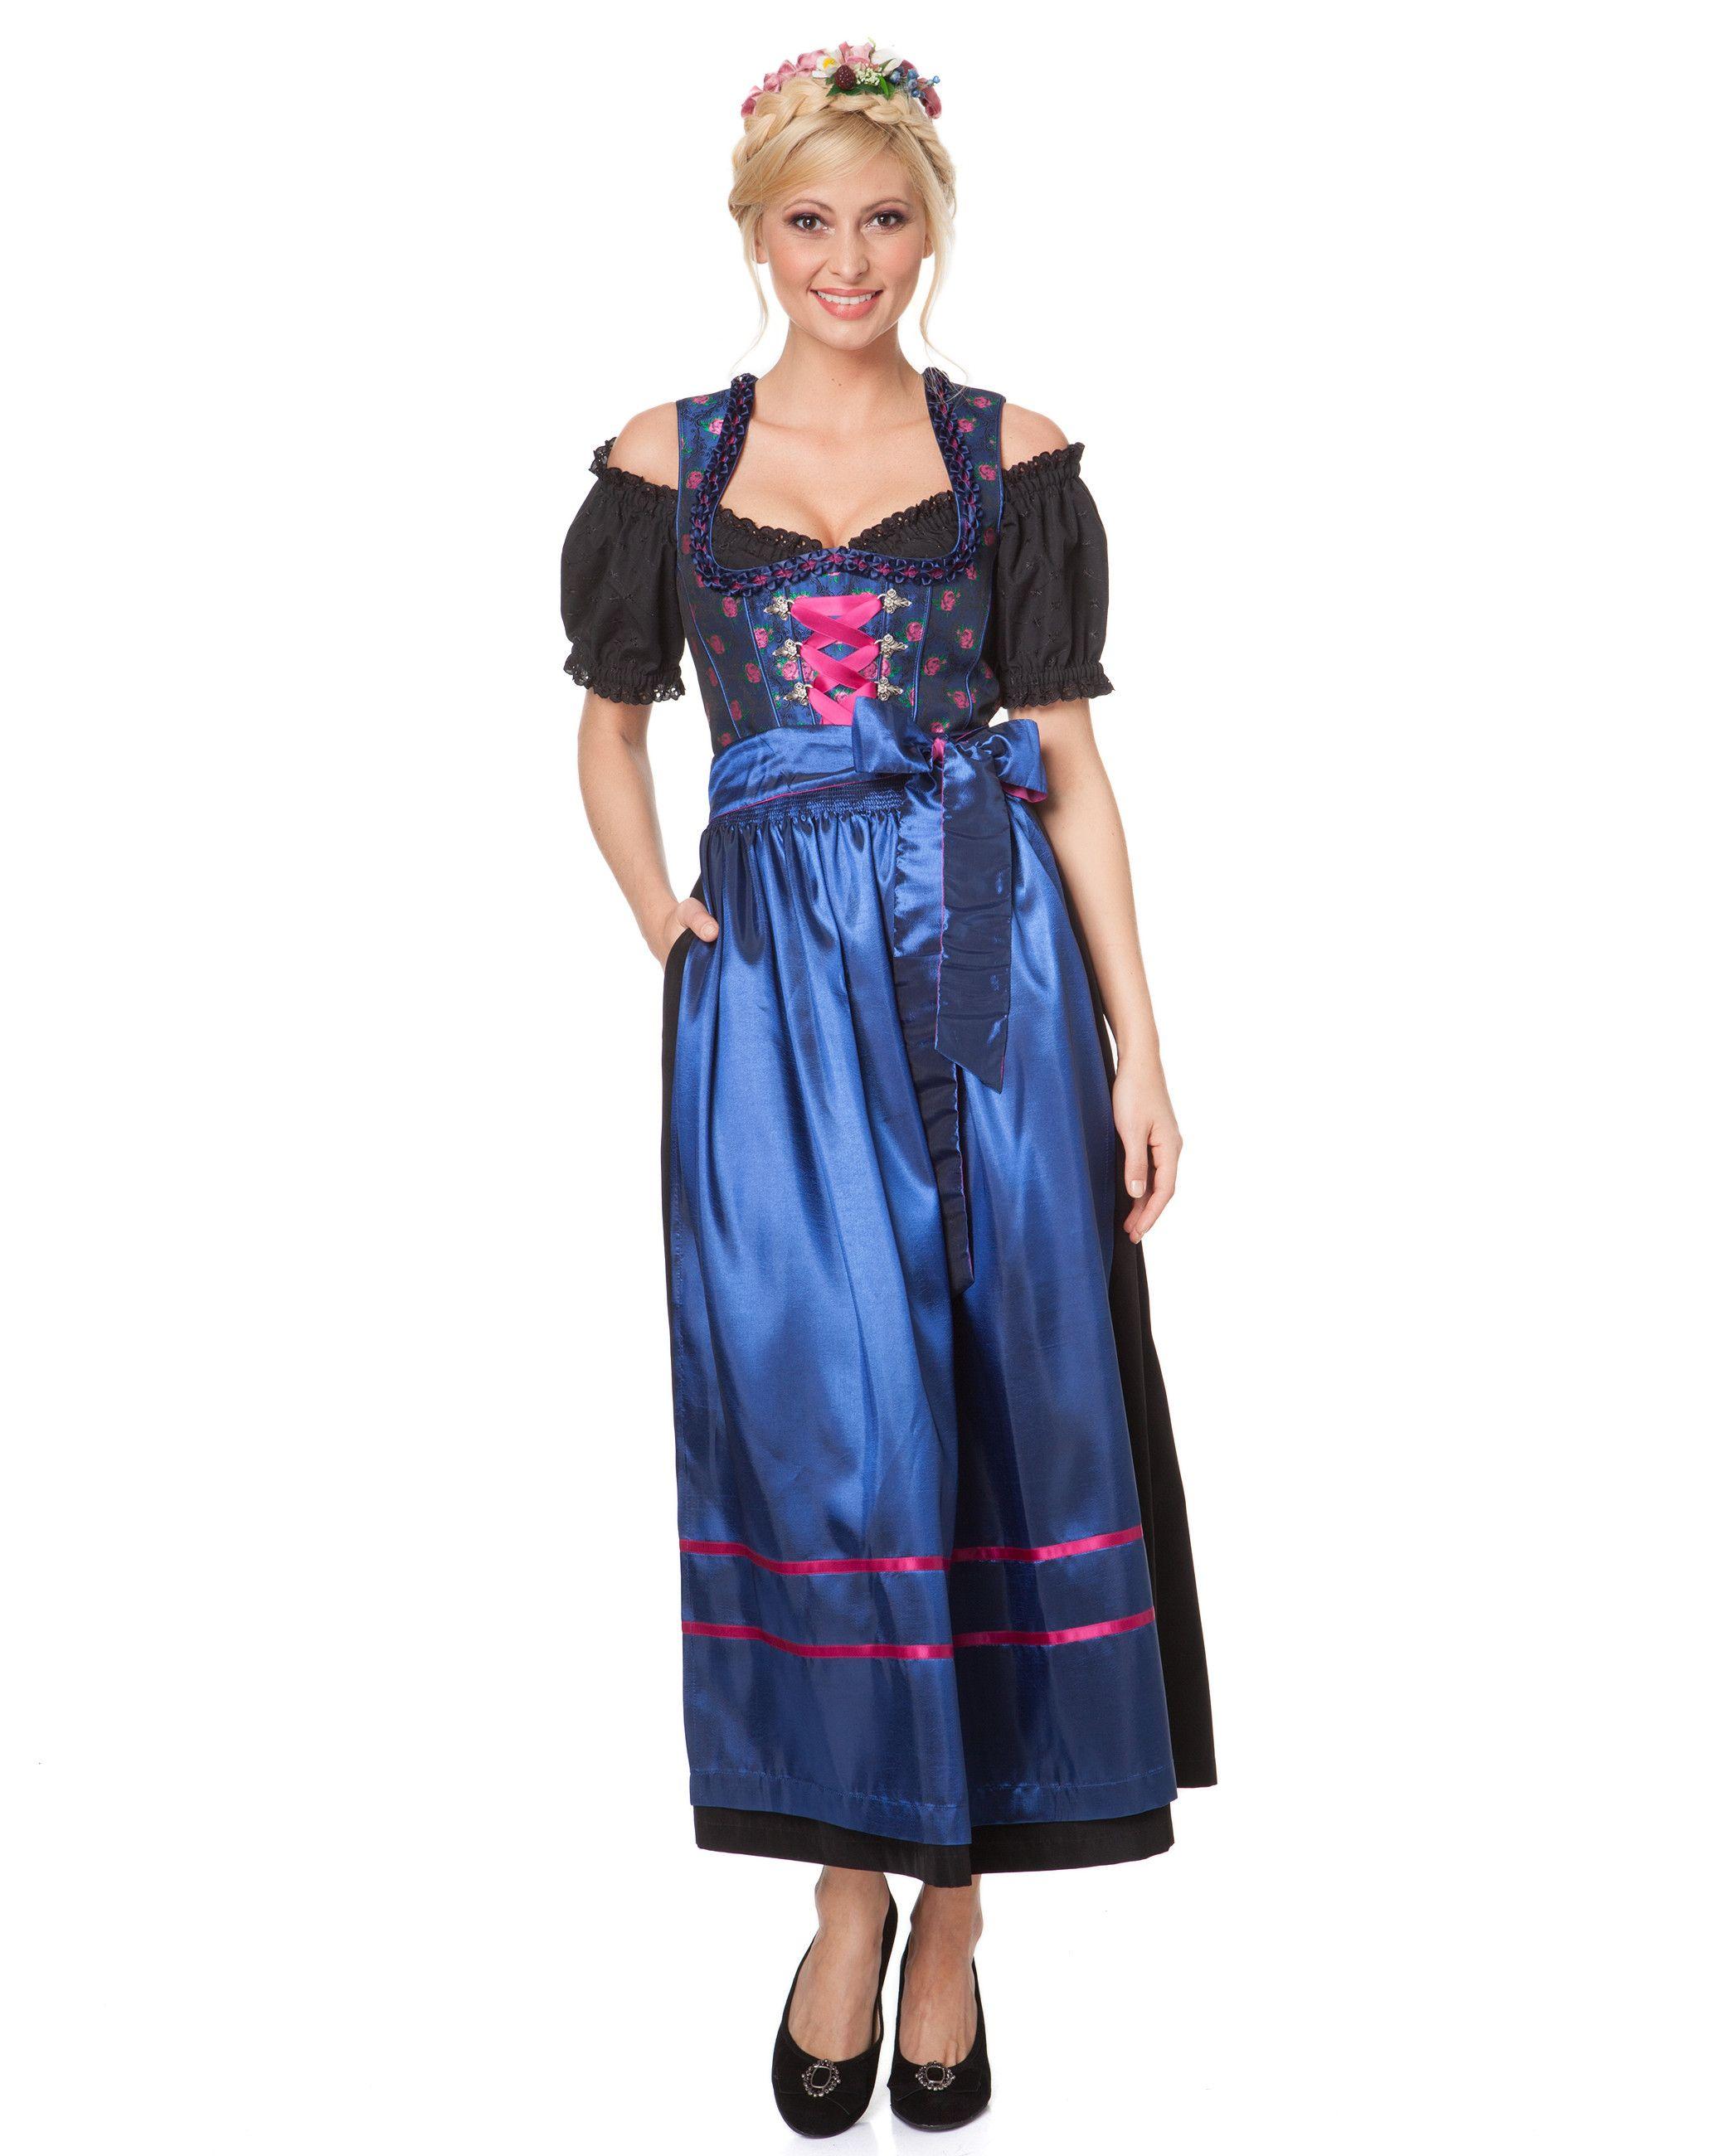 Onlineshop: http://www.hse24.de/Mode/Kleider-Roecke/Freizeitkleider/Lola-Paltinger-Dirndl-mit-Blueten-Jacquard-pu69828678.html?mkt=som&refID=pinterest/Mode/Lola-Paltinger&emsrc=socialmedia Trachtenmode Dirndl Kleid #fashion #style #trend #clothing #shopping #dress #wiesn